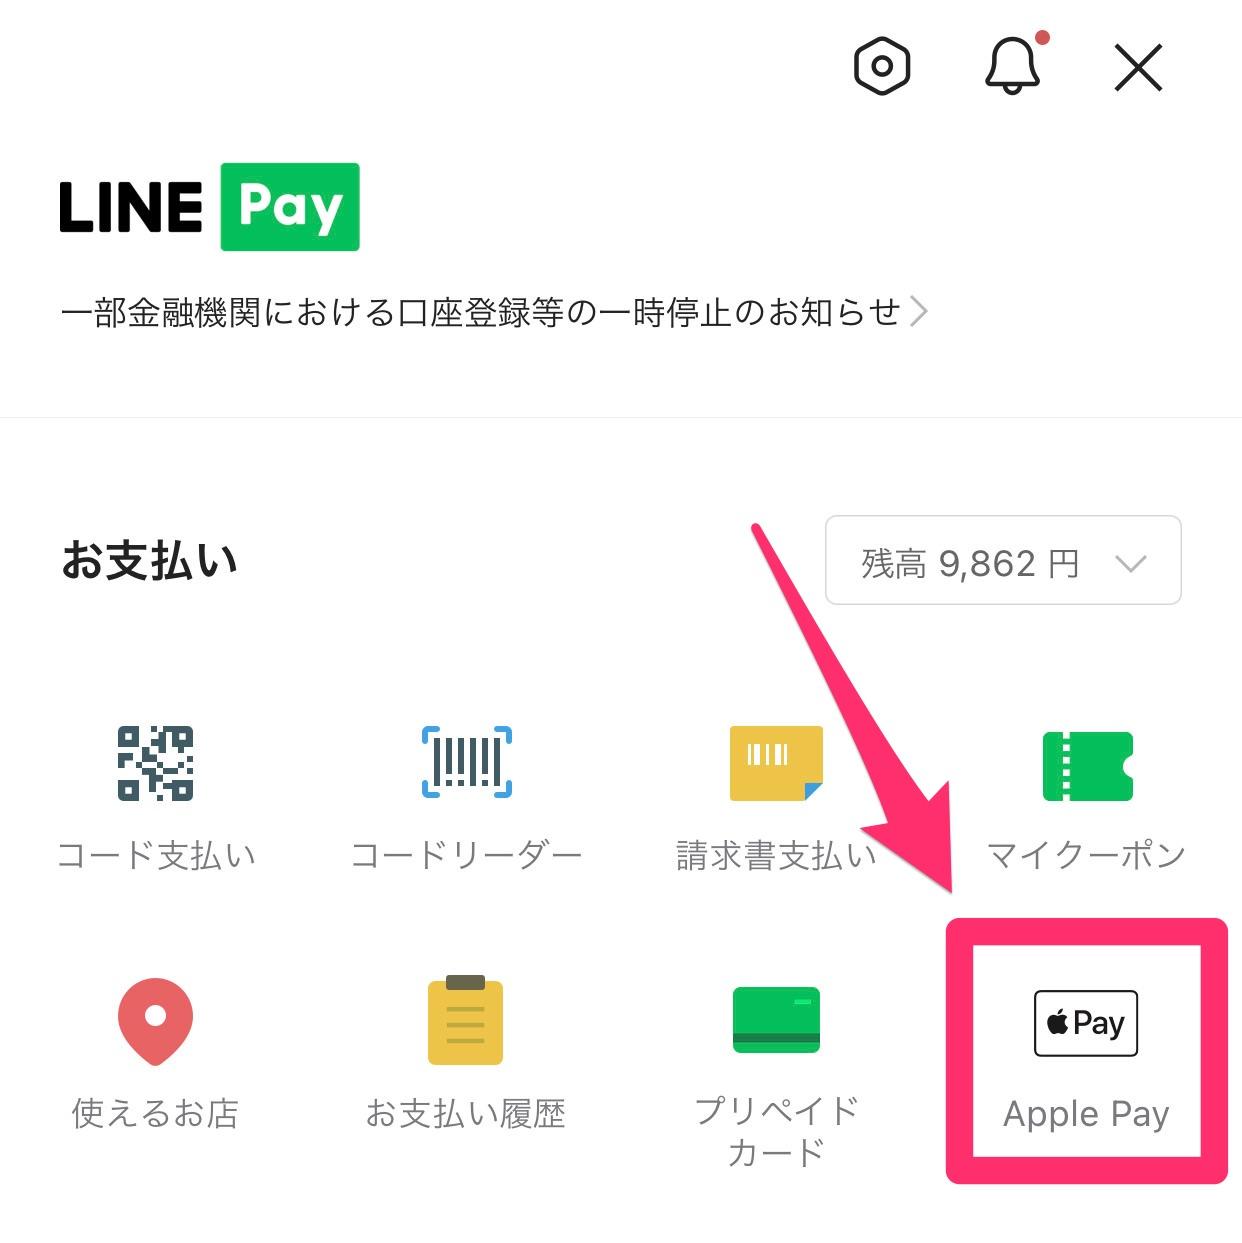 【LINE Pay】プリペイドカード発行でApple PayによるiDタッチ決済が可能に 01